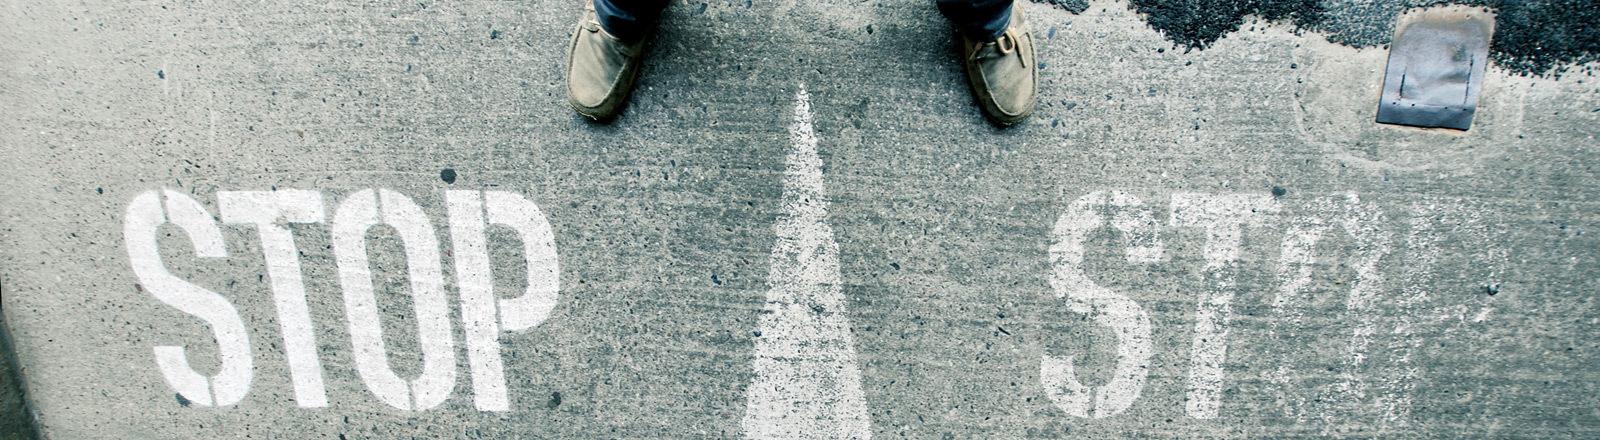 Ein Mann steht vor einer Pfeilmarkierung, die auf dem Boden neben dem Wort Stop zu sehen ist.